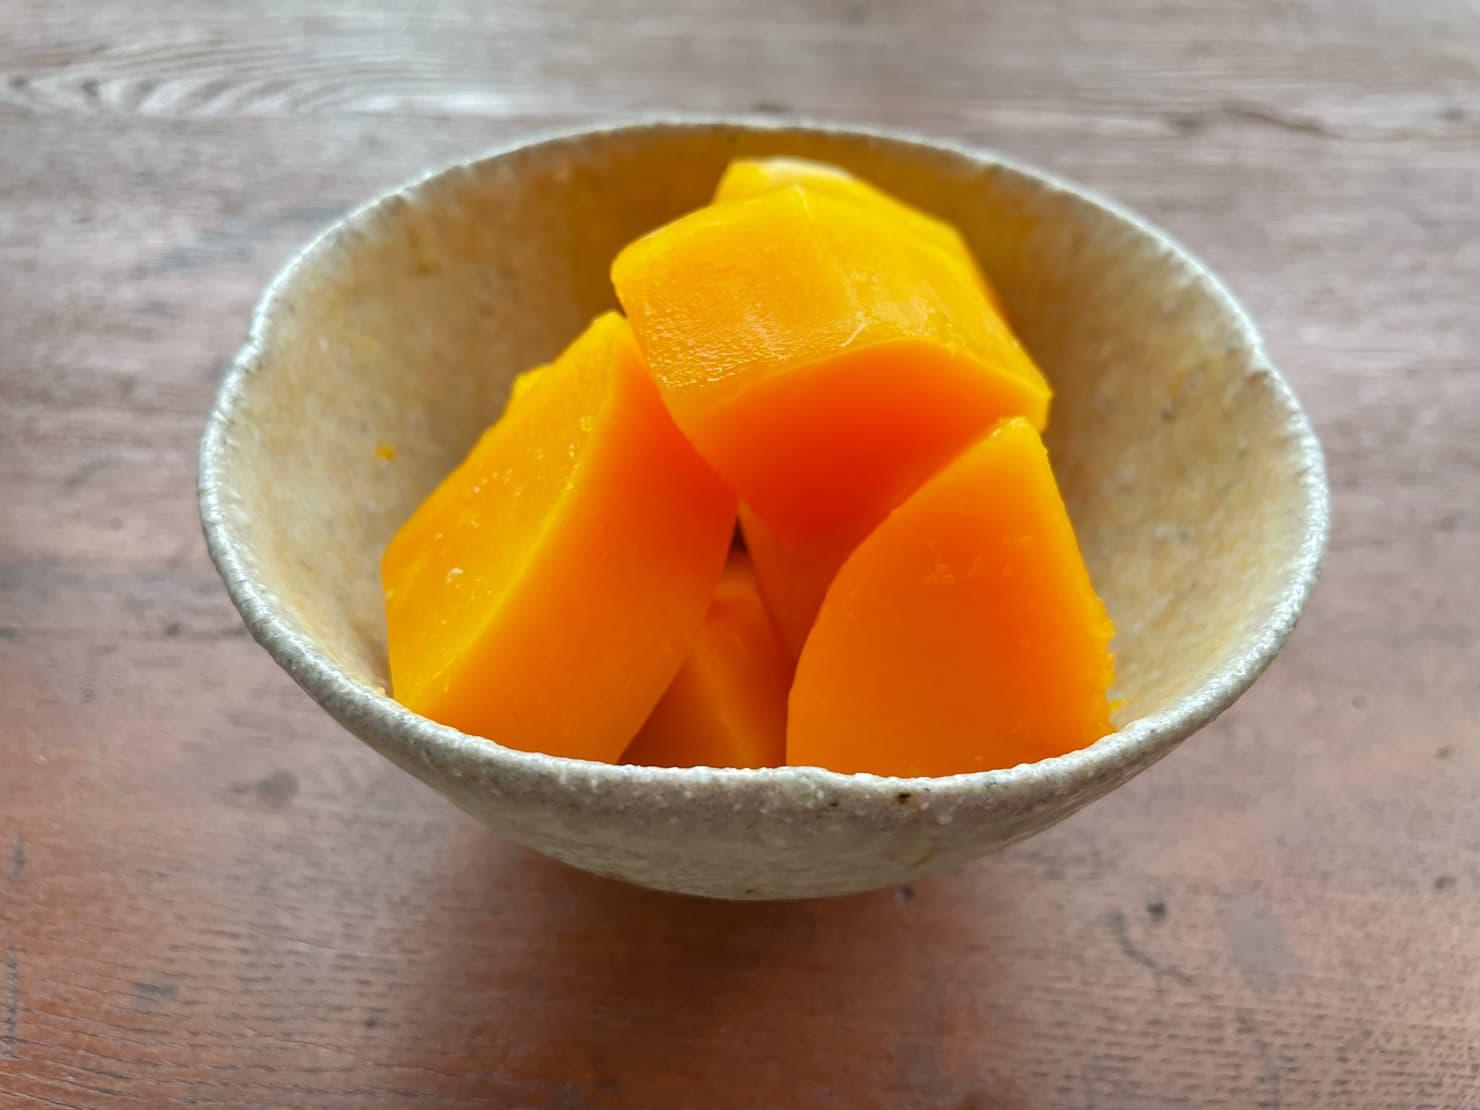 バターナッツかぼちゃのはちみつレモン煮の写真